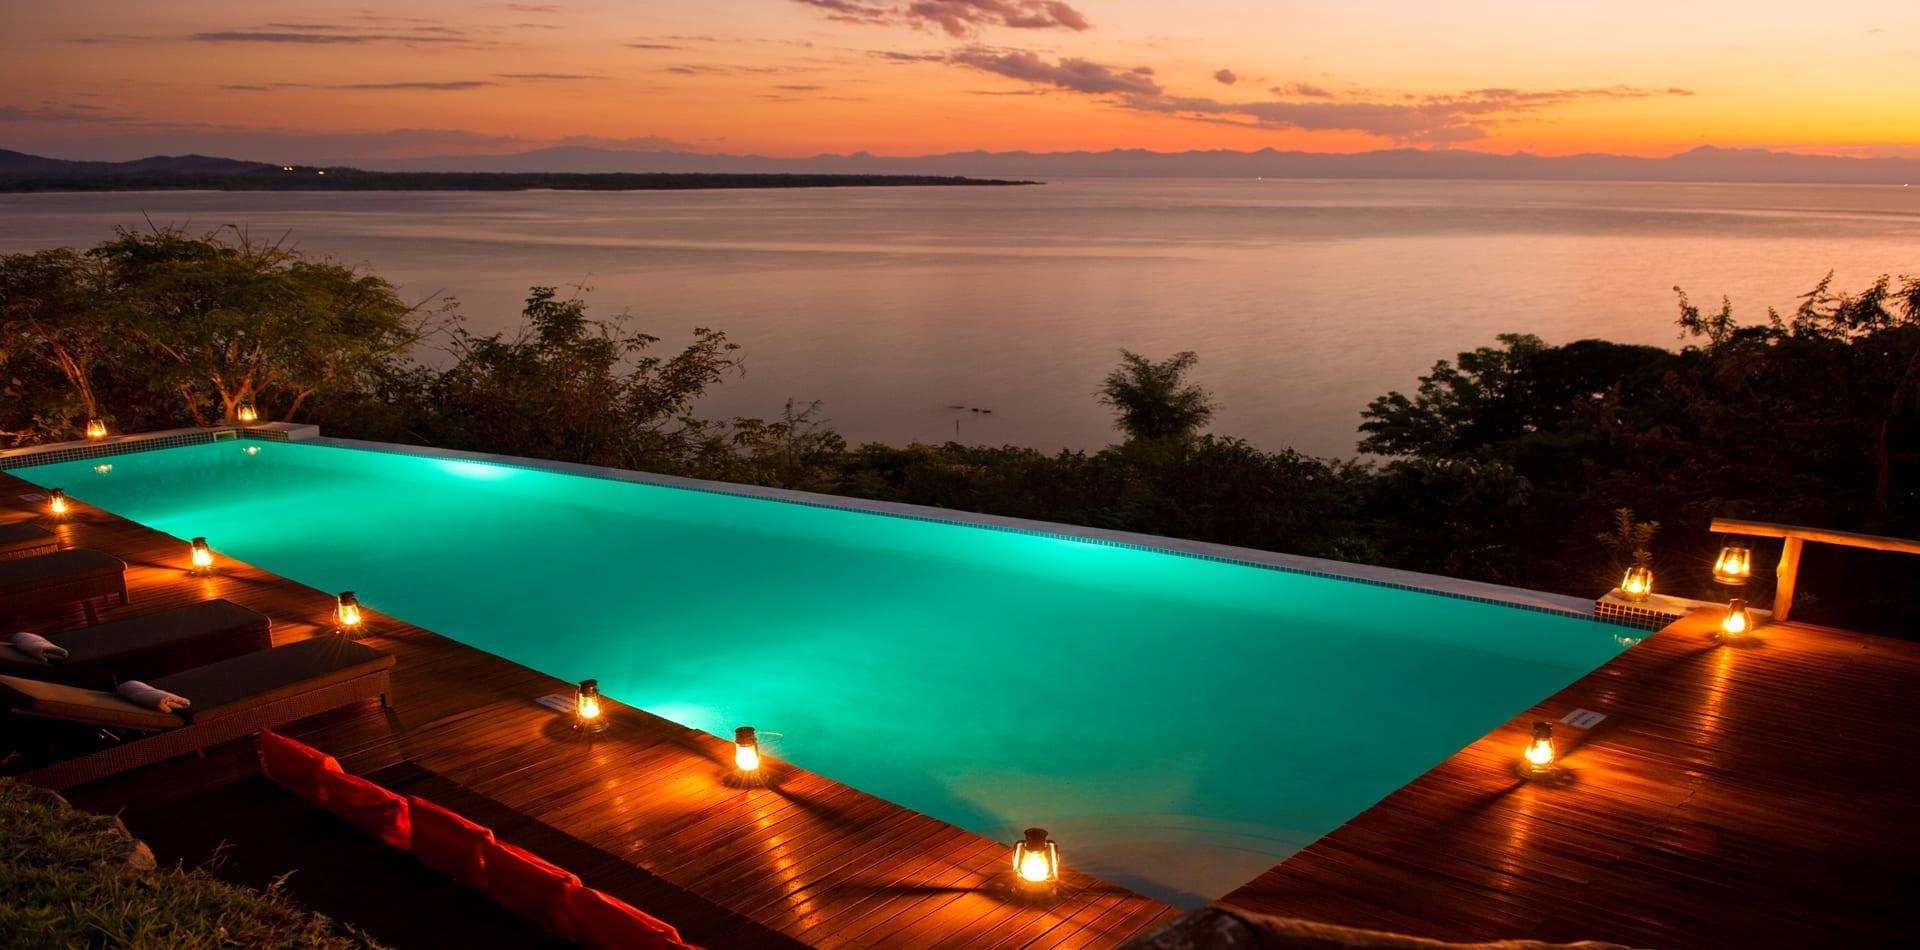 Malawi Pumulani Pool Sunset Hero